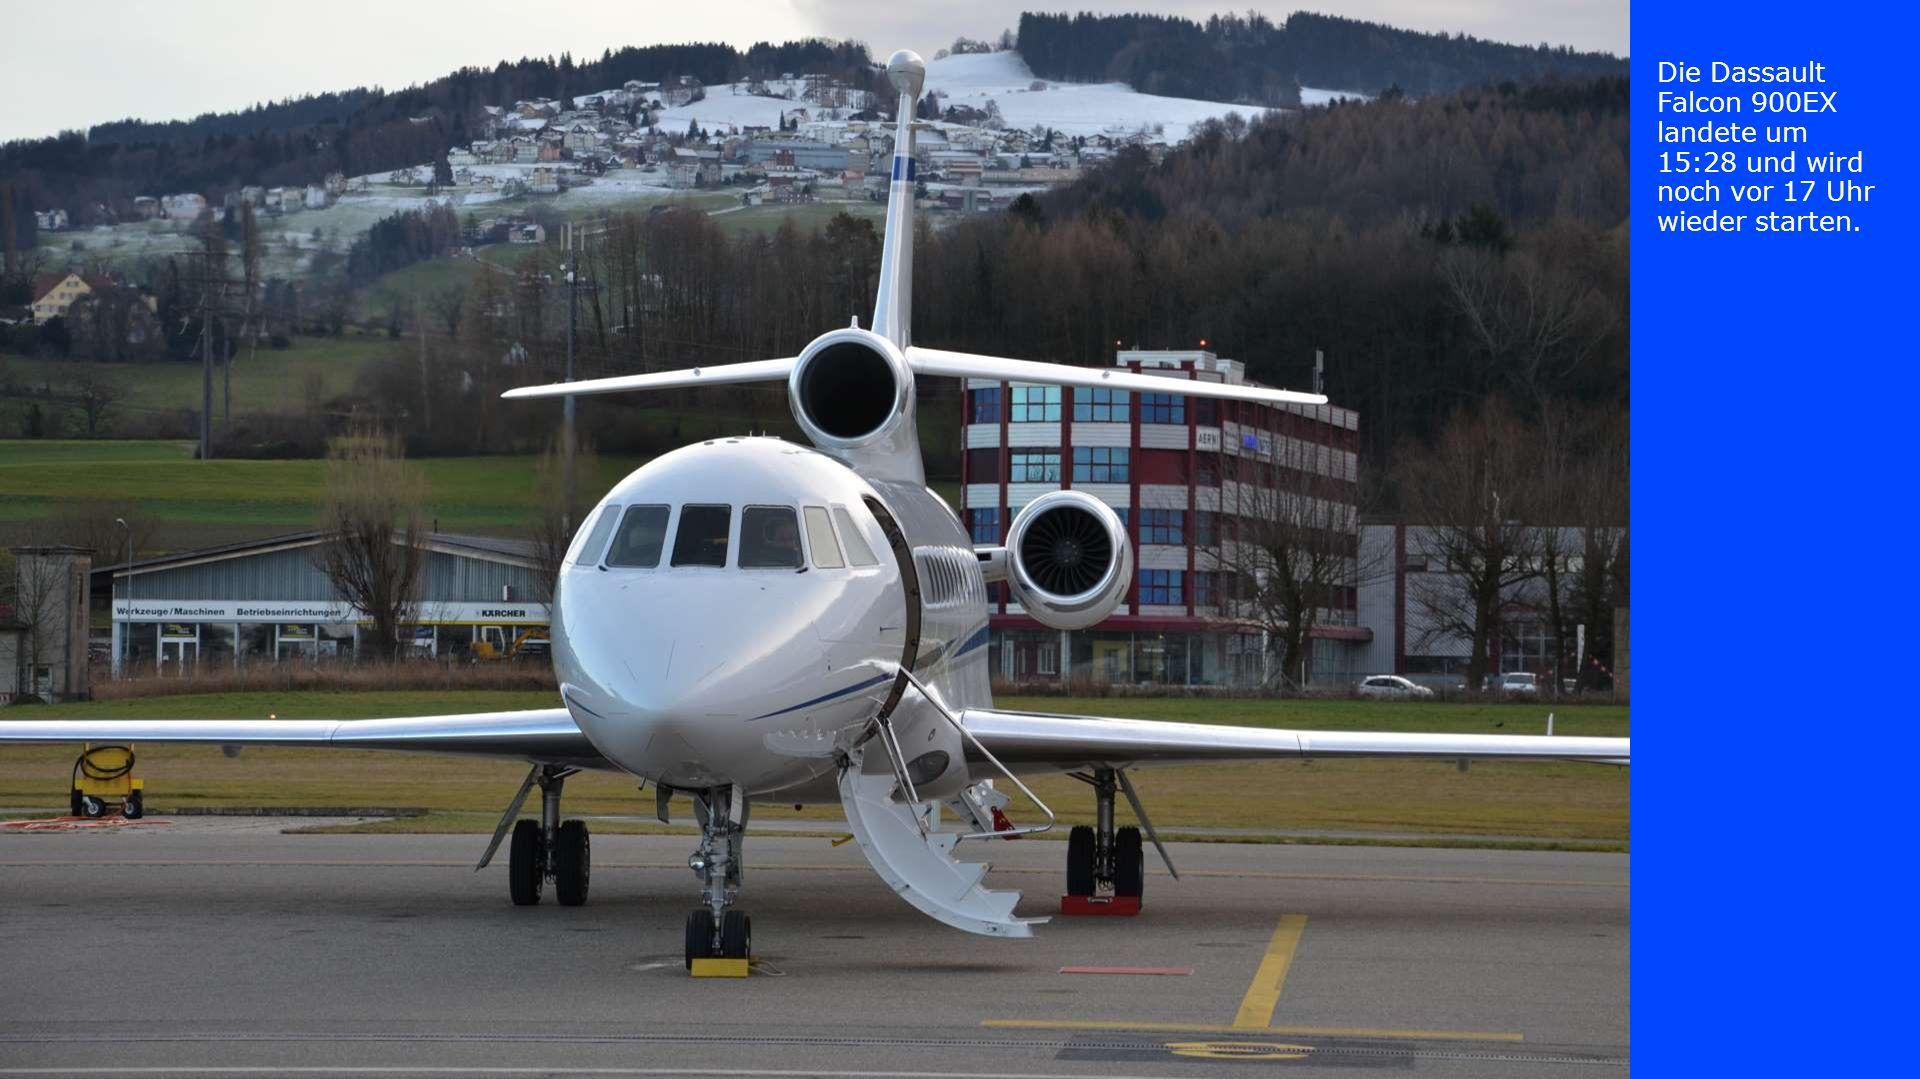 Die Dassault Falcon 900EX landete um 15:28 und wird noch vor 17 Uhr wieder starten.